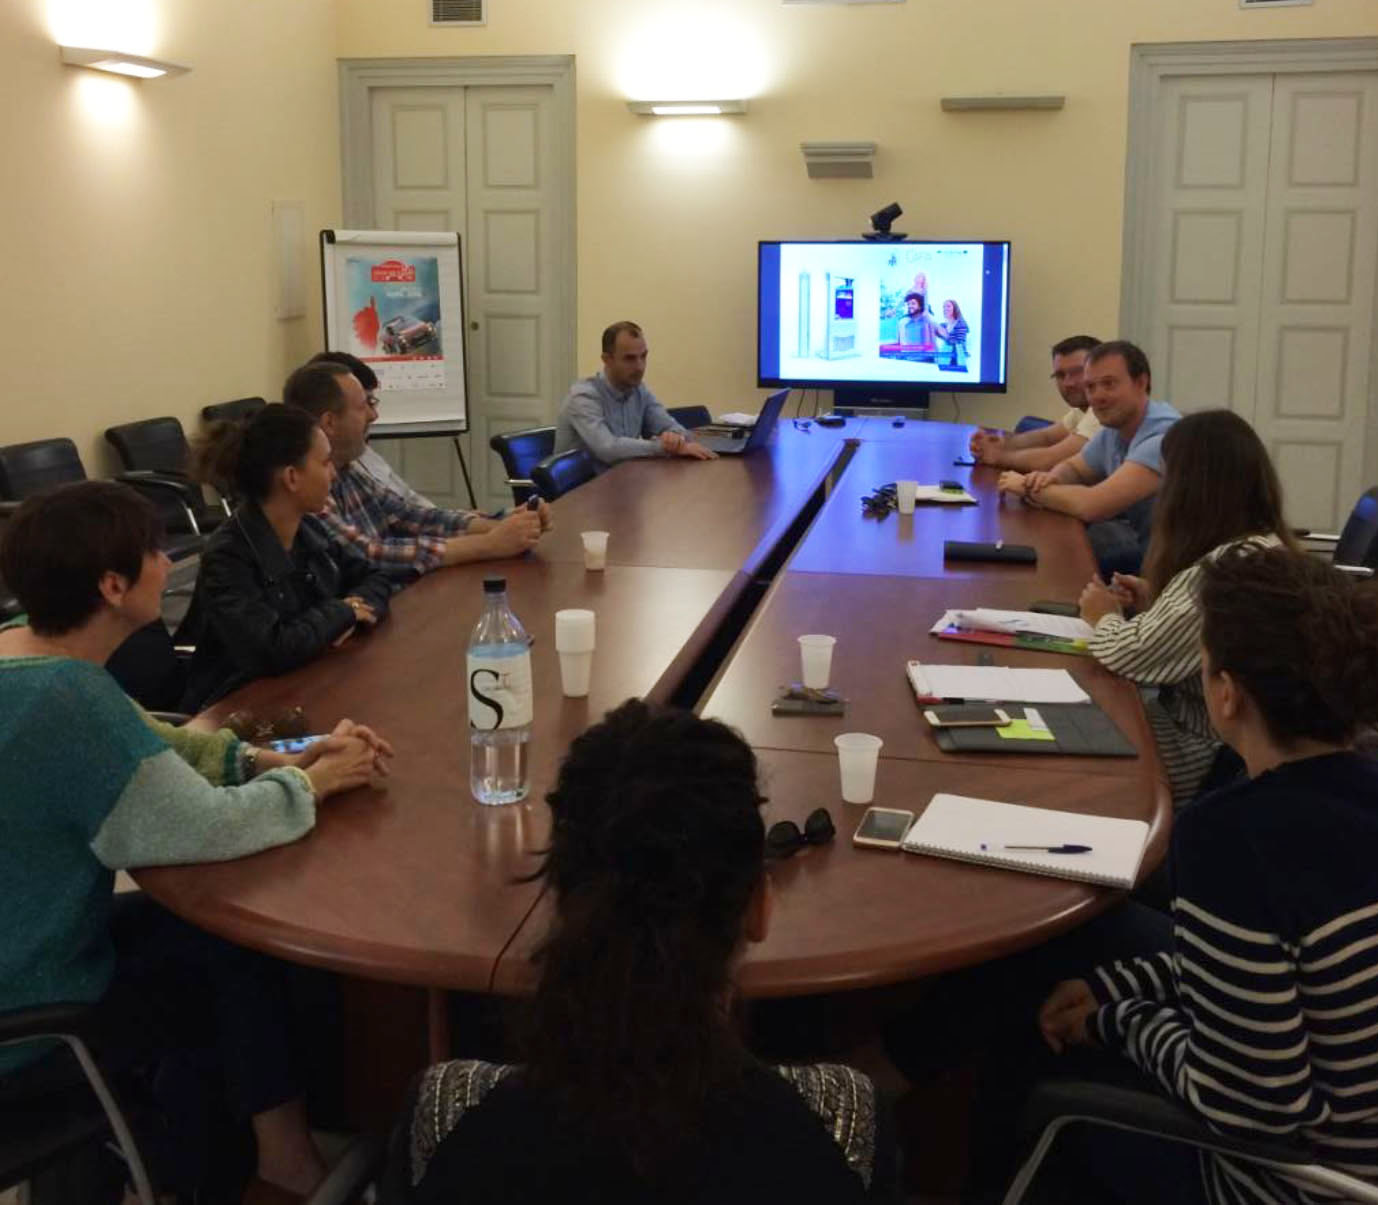 20 Avril 2018 à Ajaccio - Projet CIEVP - Réunion de travail pour le développement du contenu des bornes interactives